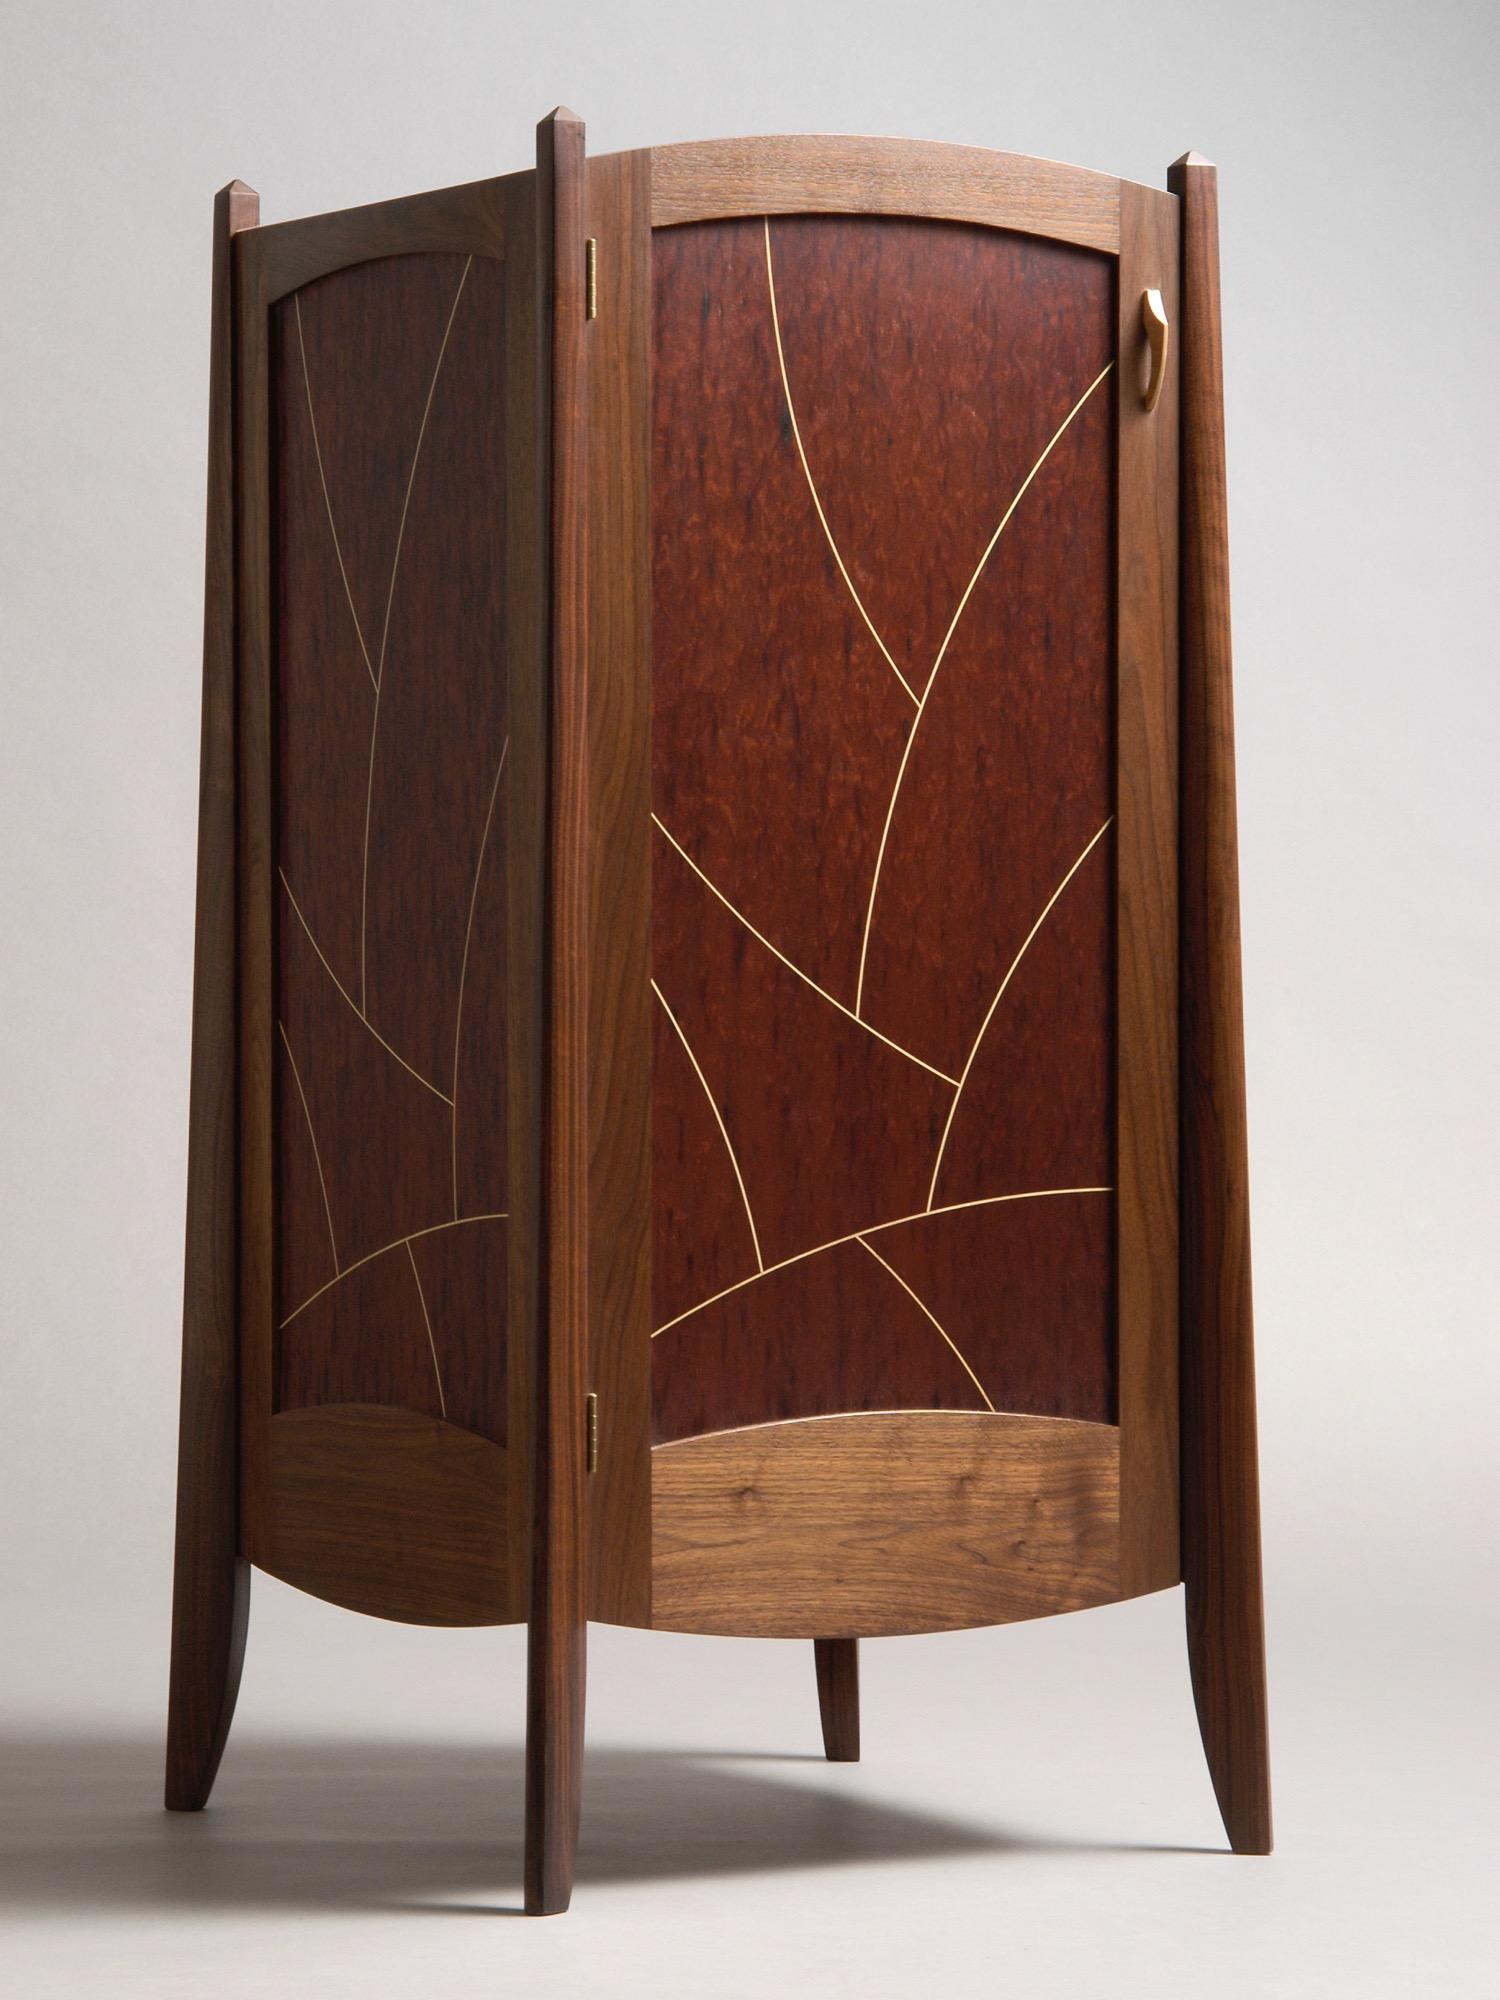 Colebrook - walnut, mahogany, holly inlay